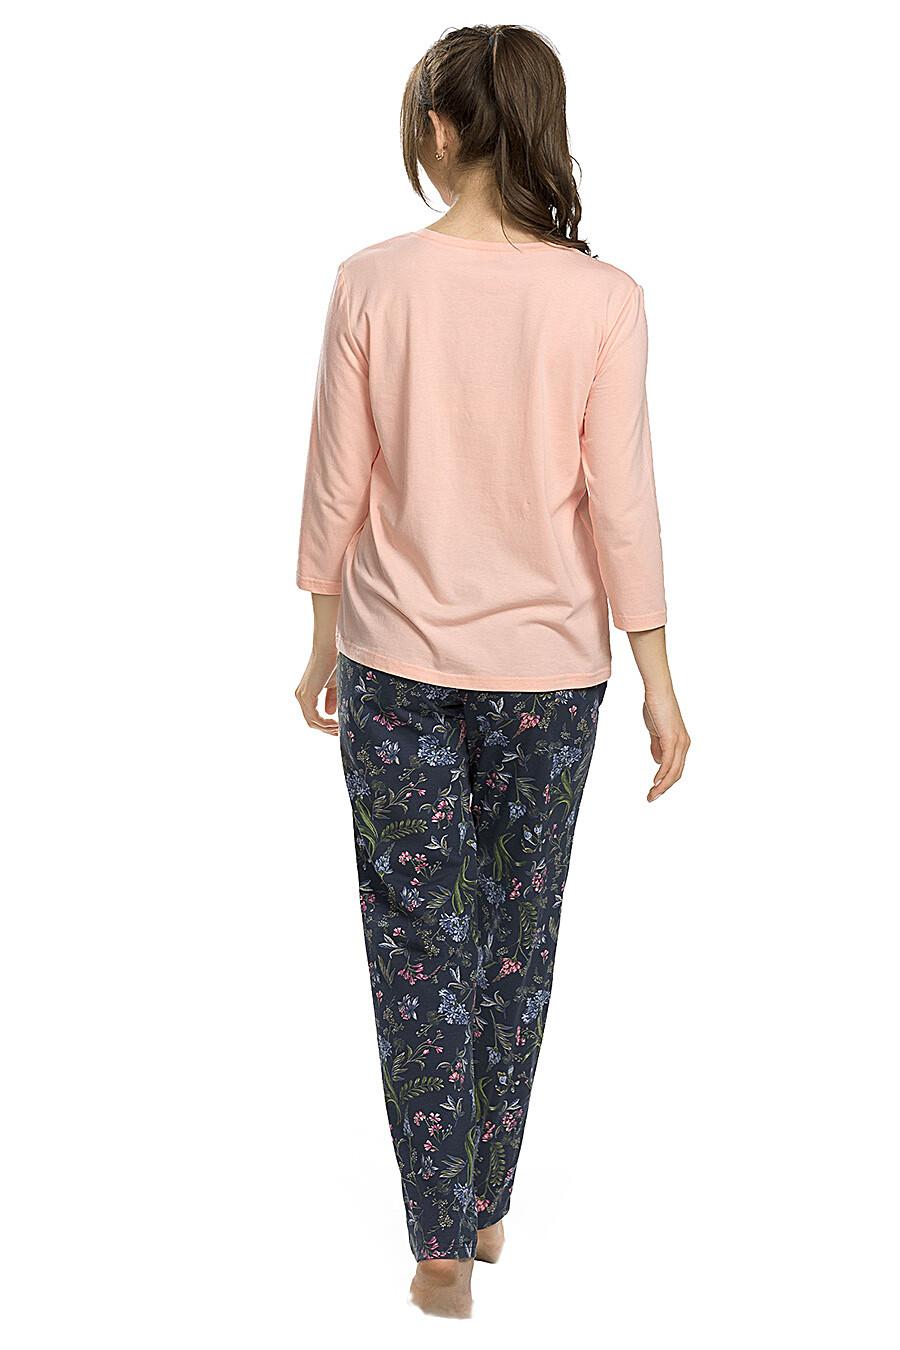 Комплект (Брюки+Джемпер) для женщин PELICAN 146686 купить оптом от производителя. Совместная покупка женской одежды в OptMoyo